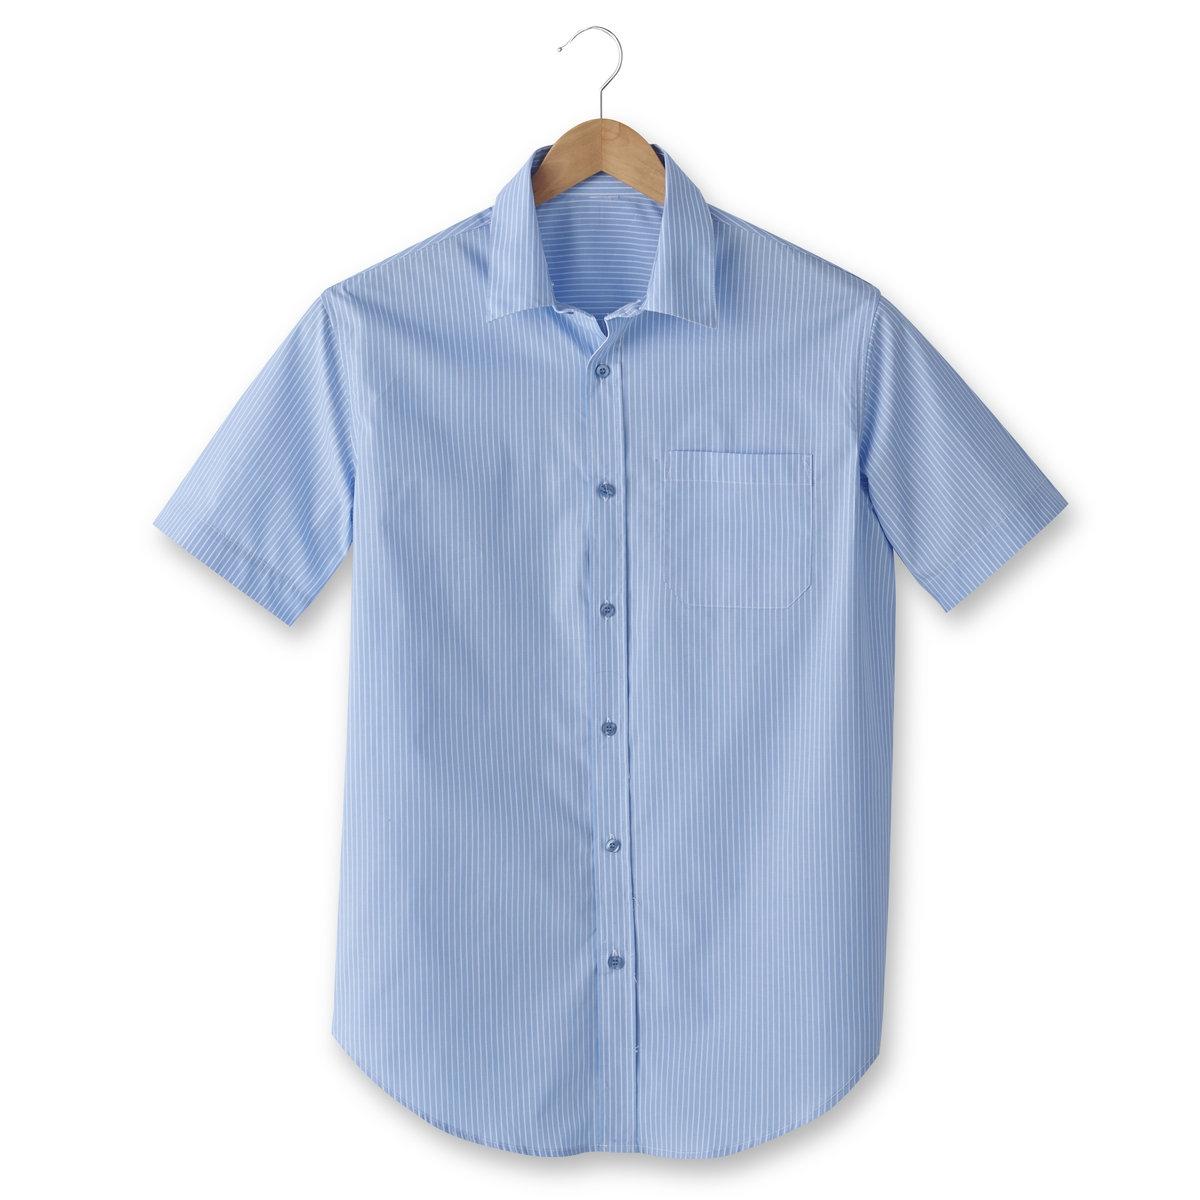 Рубашка из поплина с короткими рукавами, рост 3Рост 3 (при росте от 187 см) :- длина рубашки спереди : 87 см для размера 41/42 и 96 см для размера 59/60.- длина рукавов : 24 см для размера 41/42 и 28,5 см для размера 59/60.Данная модель представлена также для роста 1 и 2 (при росте до 187 см) и с длинными рукавами.<br><br>Цвет: синий в полоску<br>Размер: 41/42.53/54